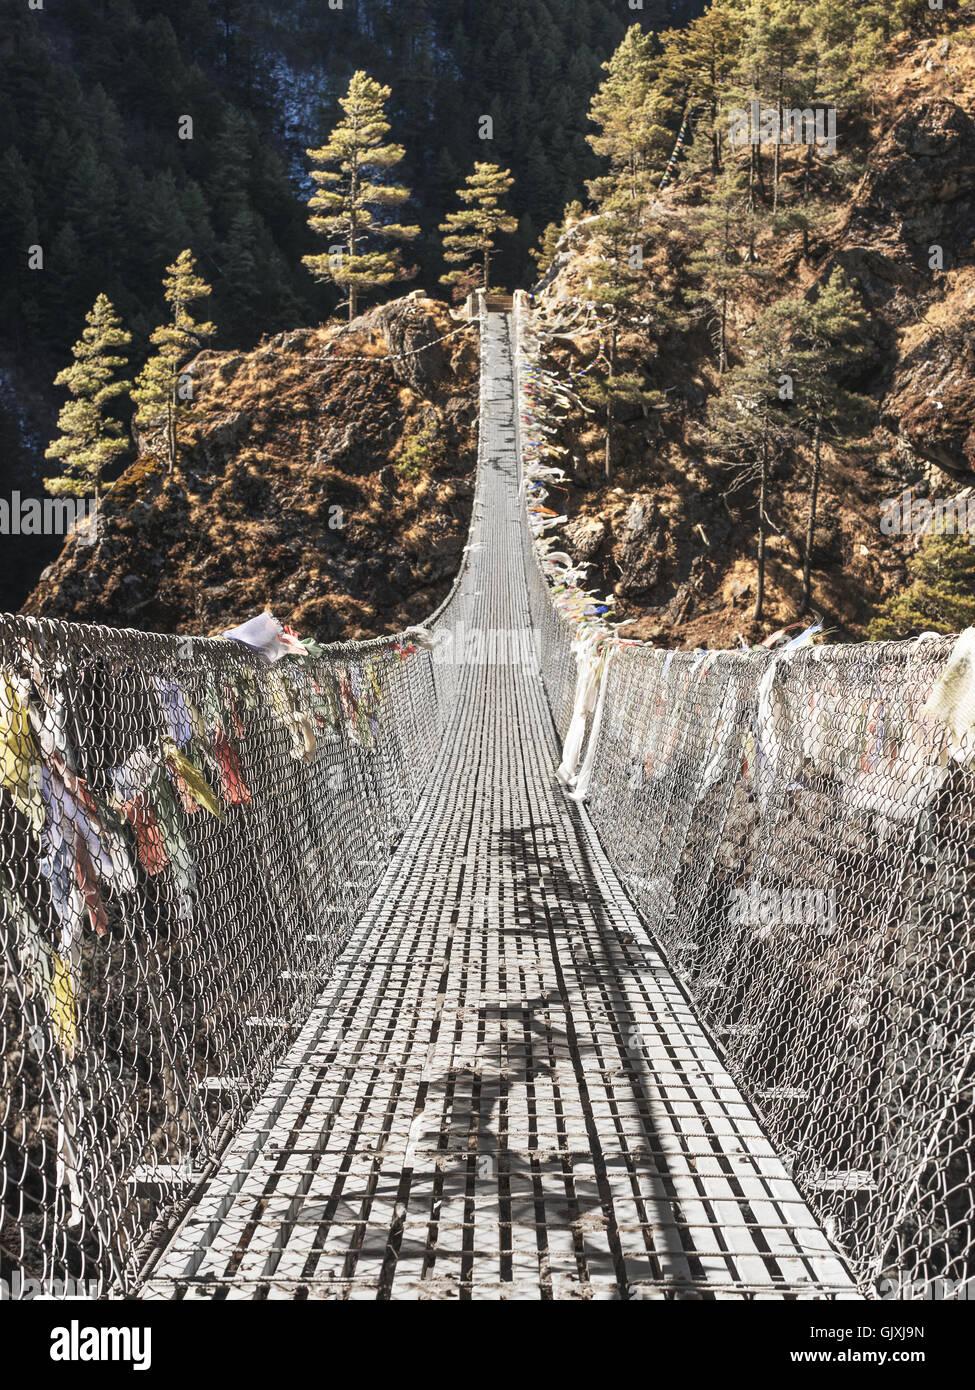 Eine, Gebet Fahne bedeckten Hängebrücke in den Himalaya-Bergen von Nepal Stockbild